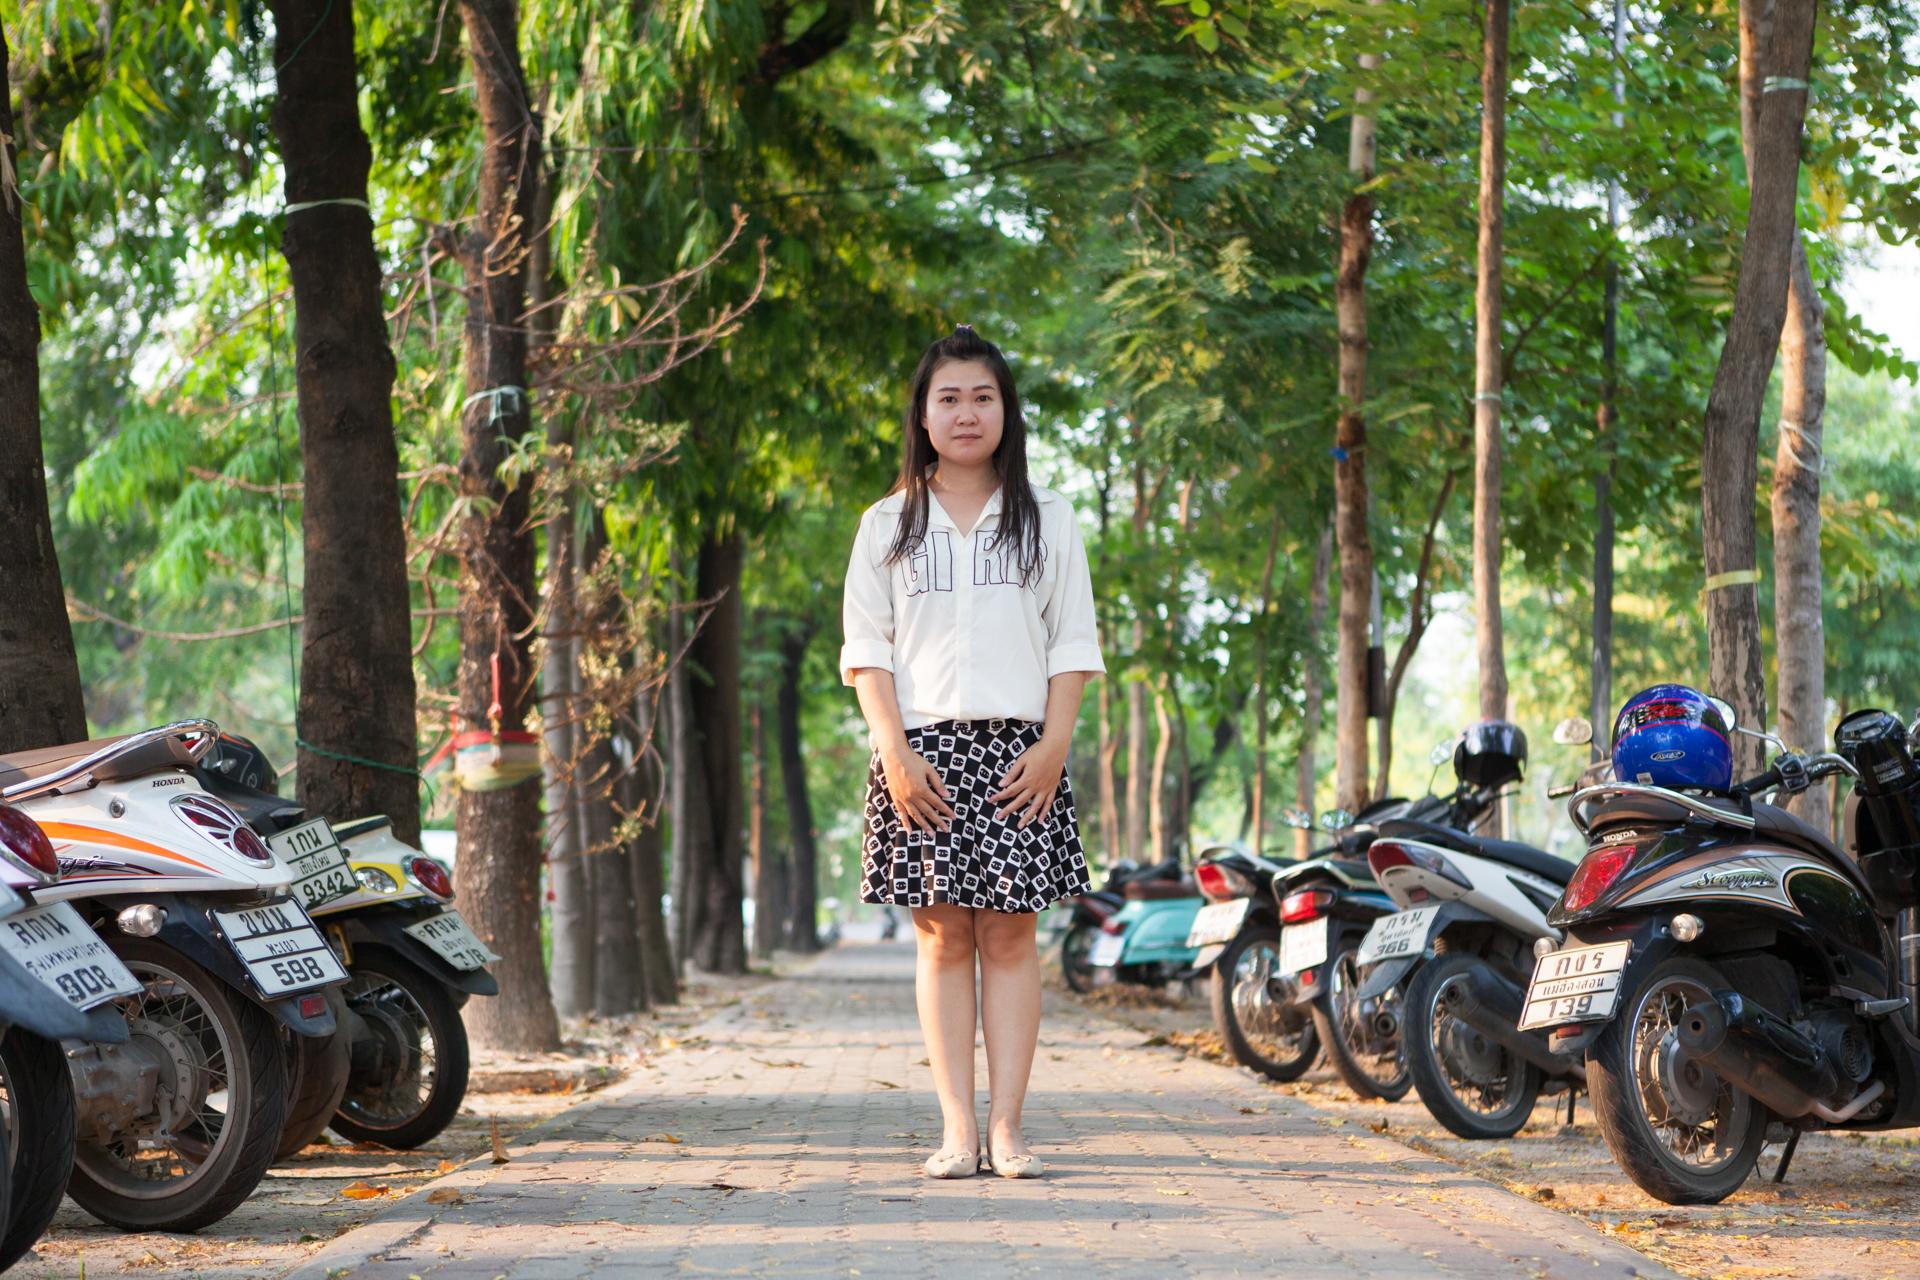 04_Tuktah_Motorbikes.jpg